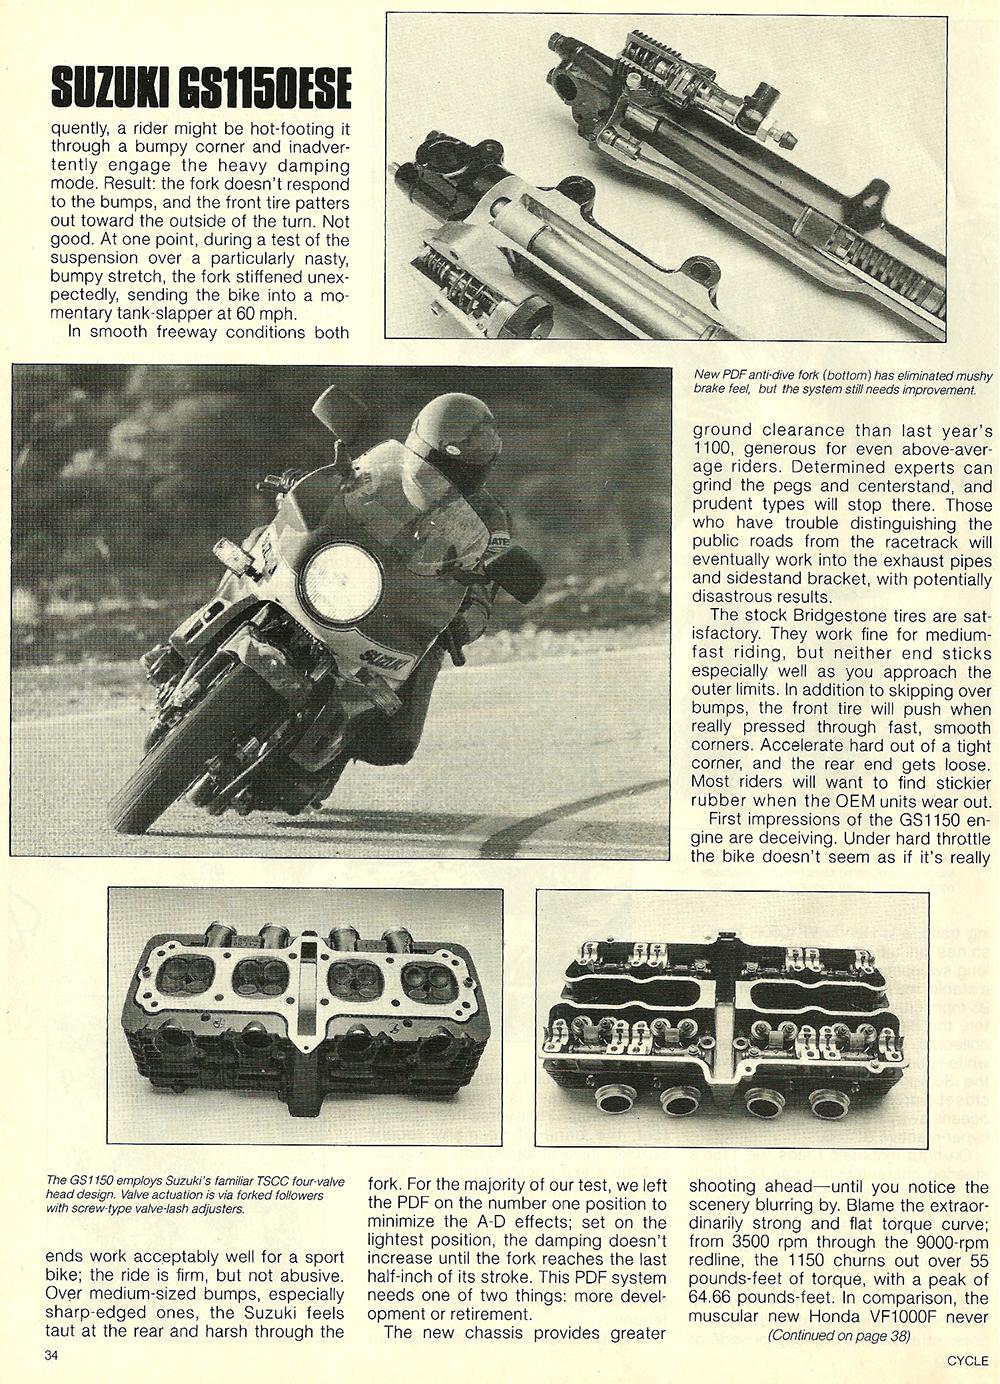 1984 Suzuki GS1150ESE road test 7.jpg